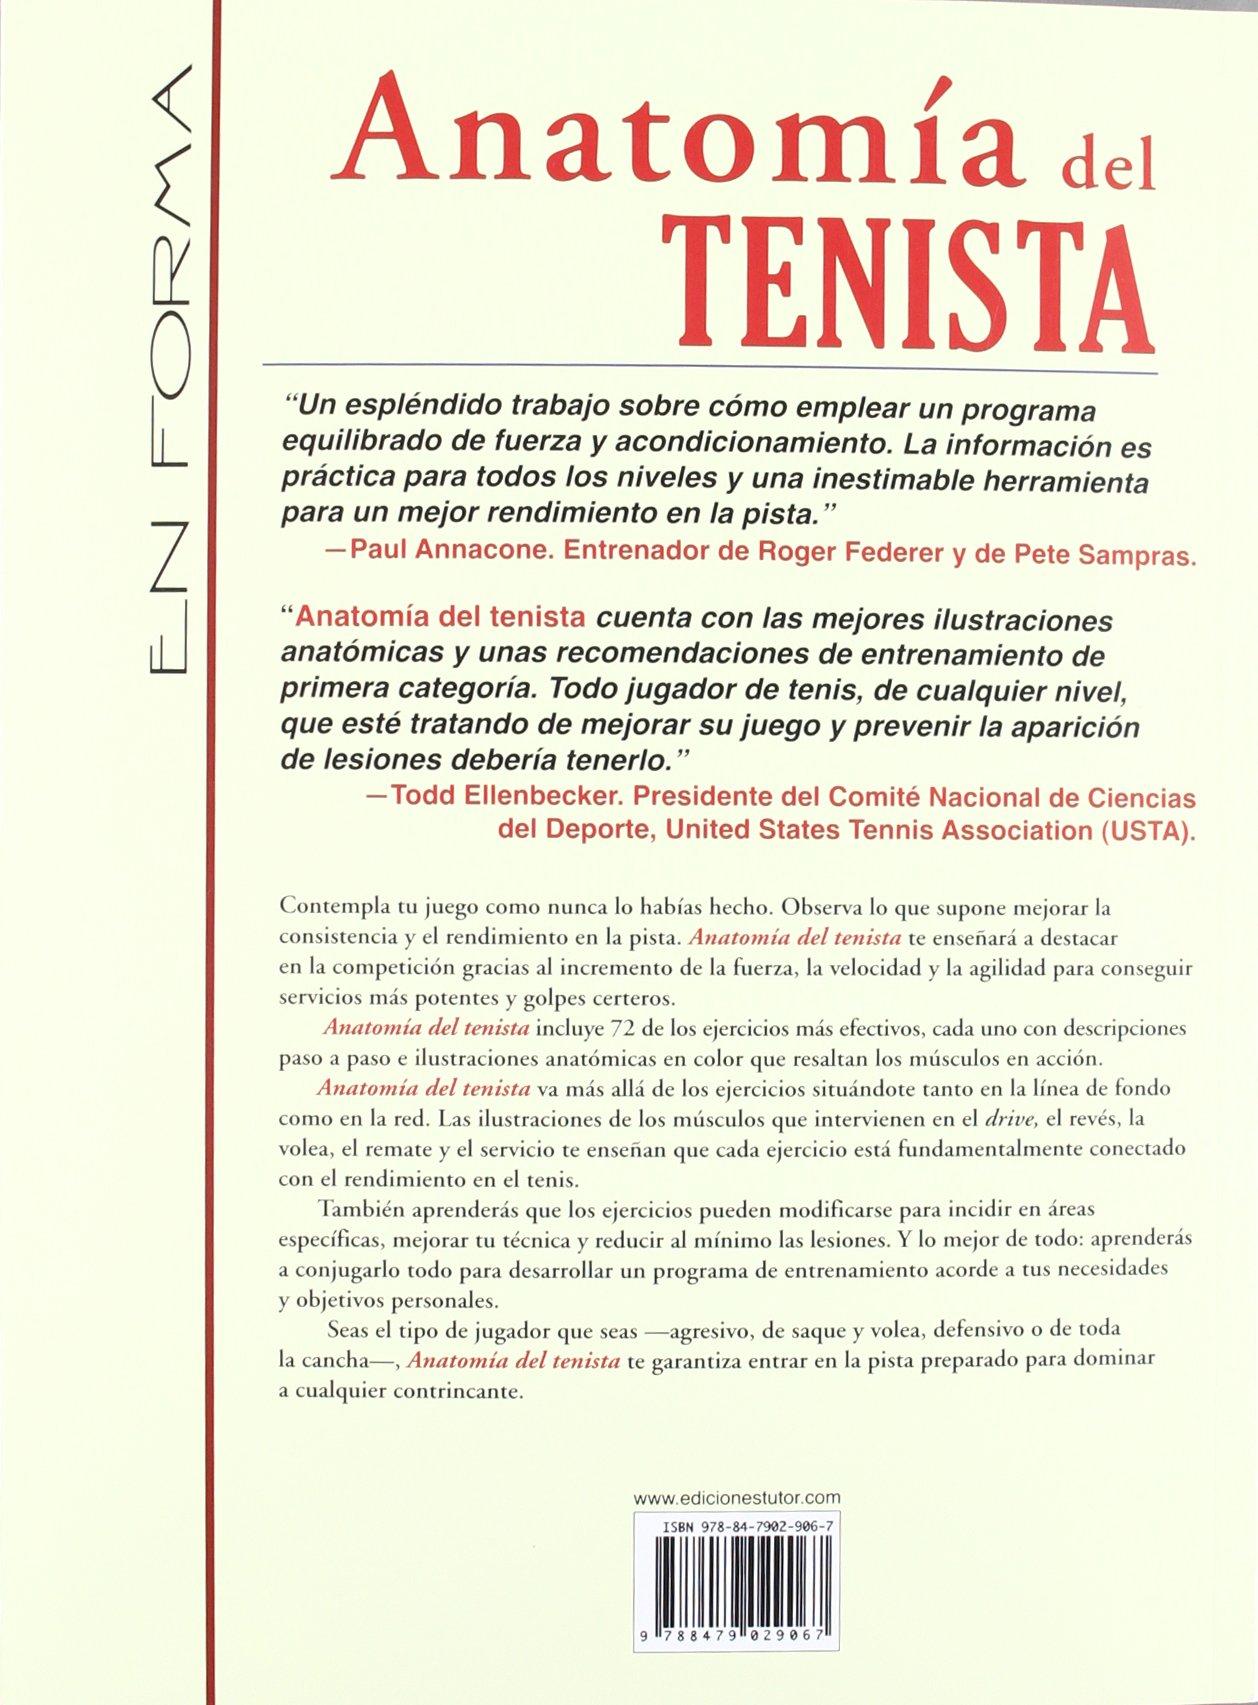 ANATOMÍA DEL TENISTA: GUÍA ILUSTRADA PARA MEJORAR LA FUERZA, LA ...